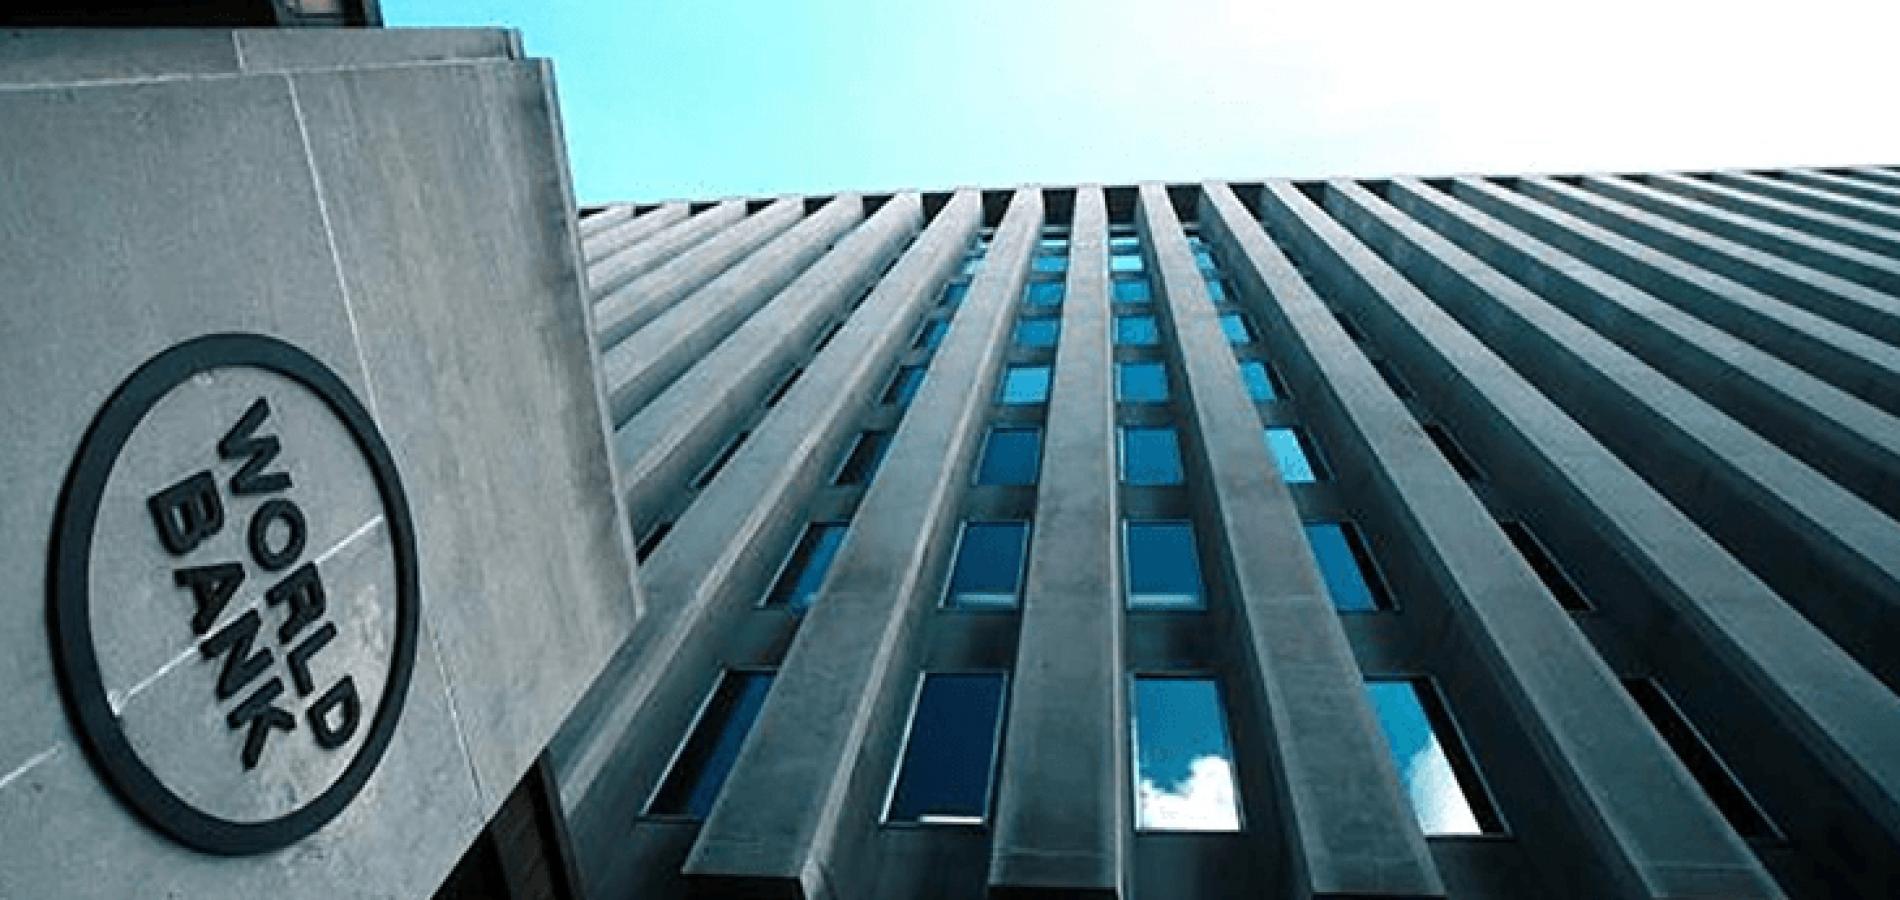 Banco Mundial investirá cerca de U$ 120 milhões no Piauí